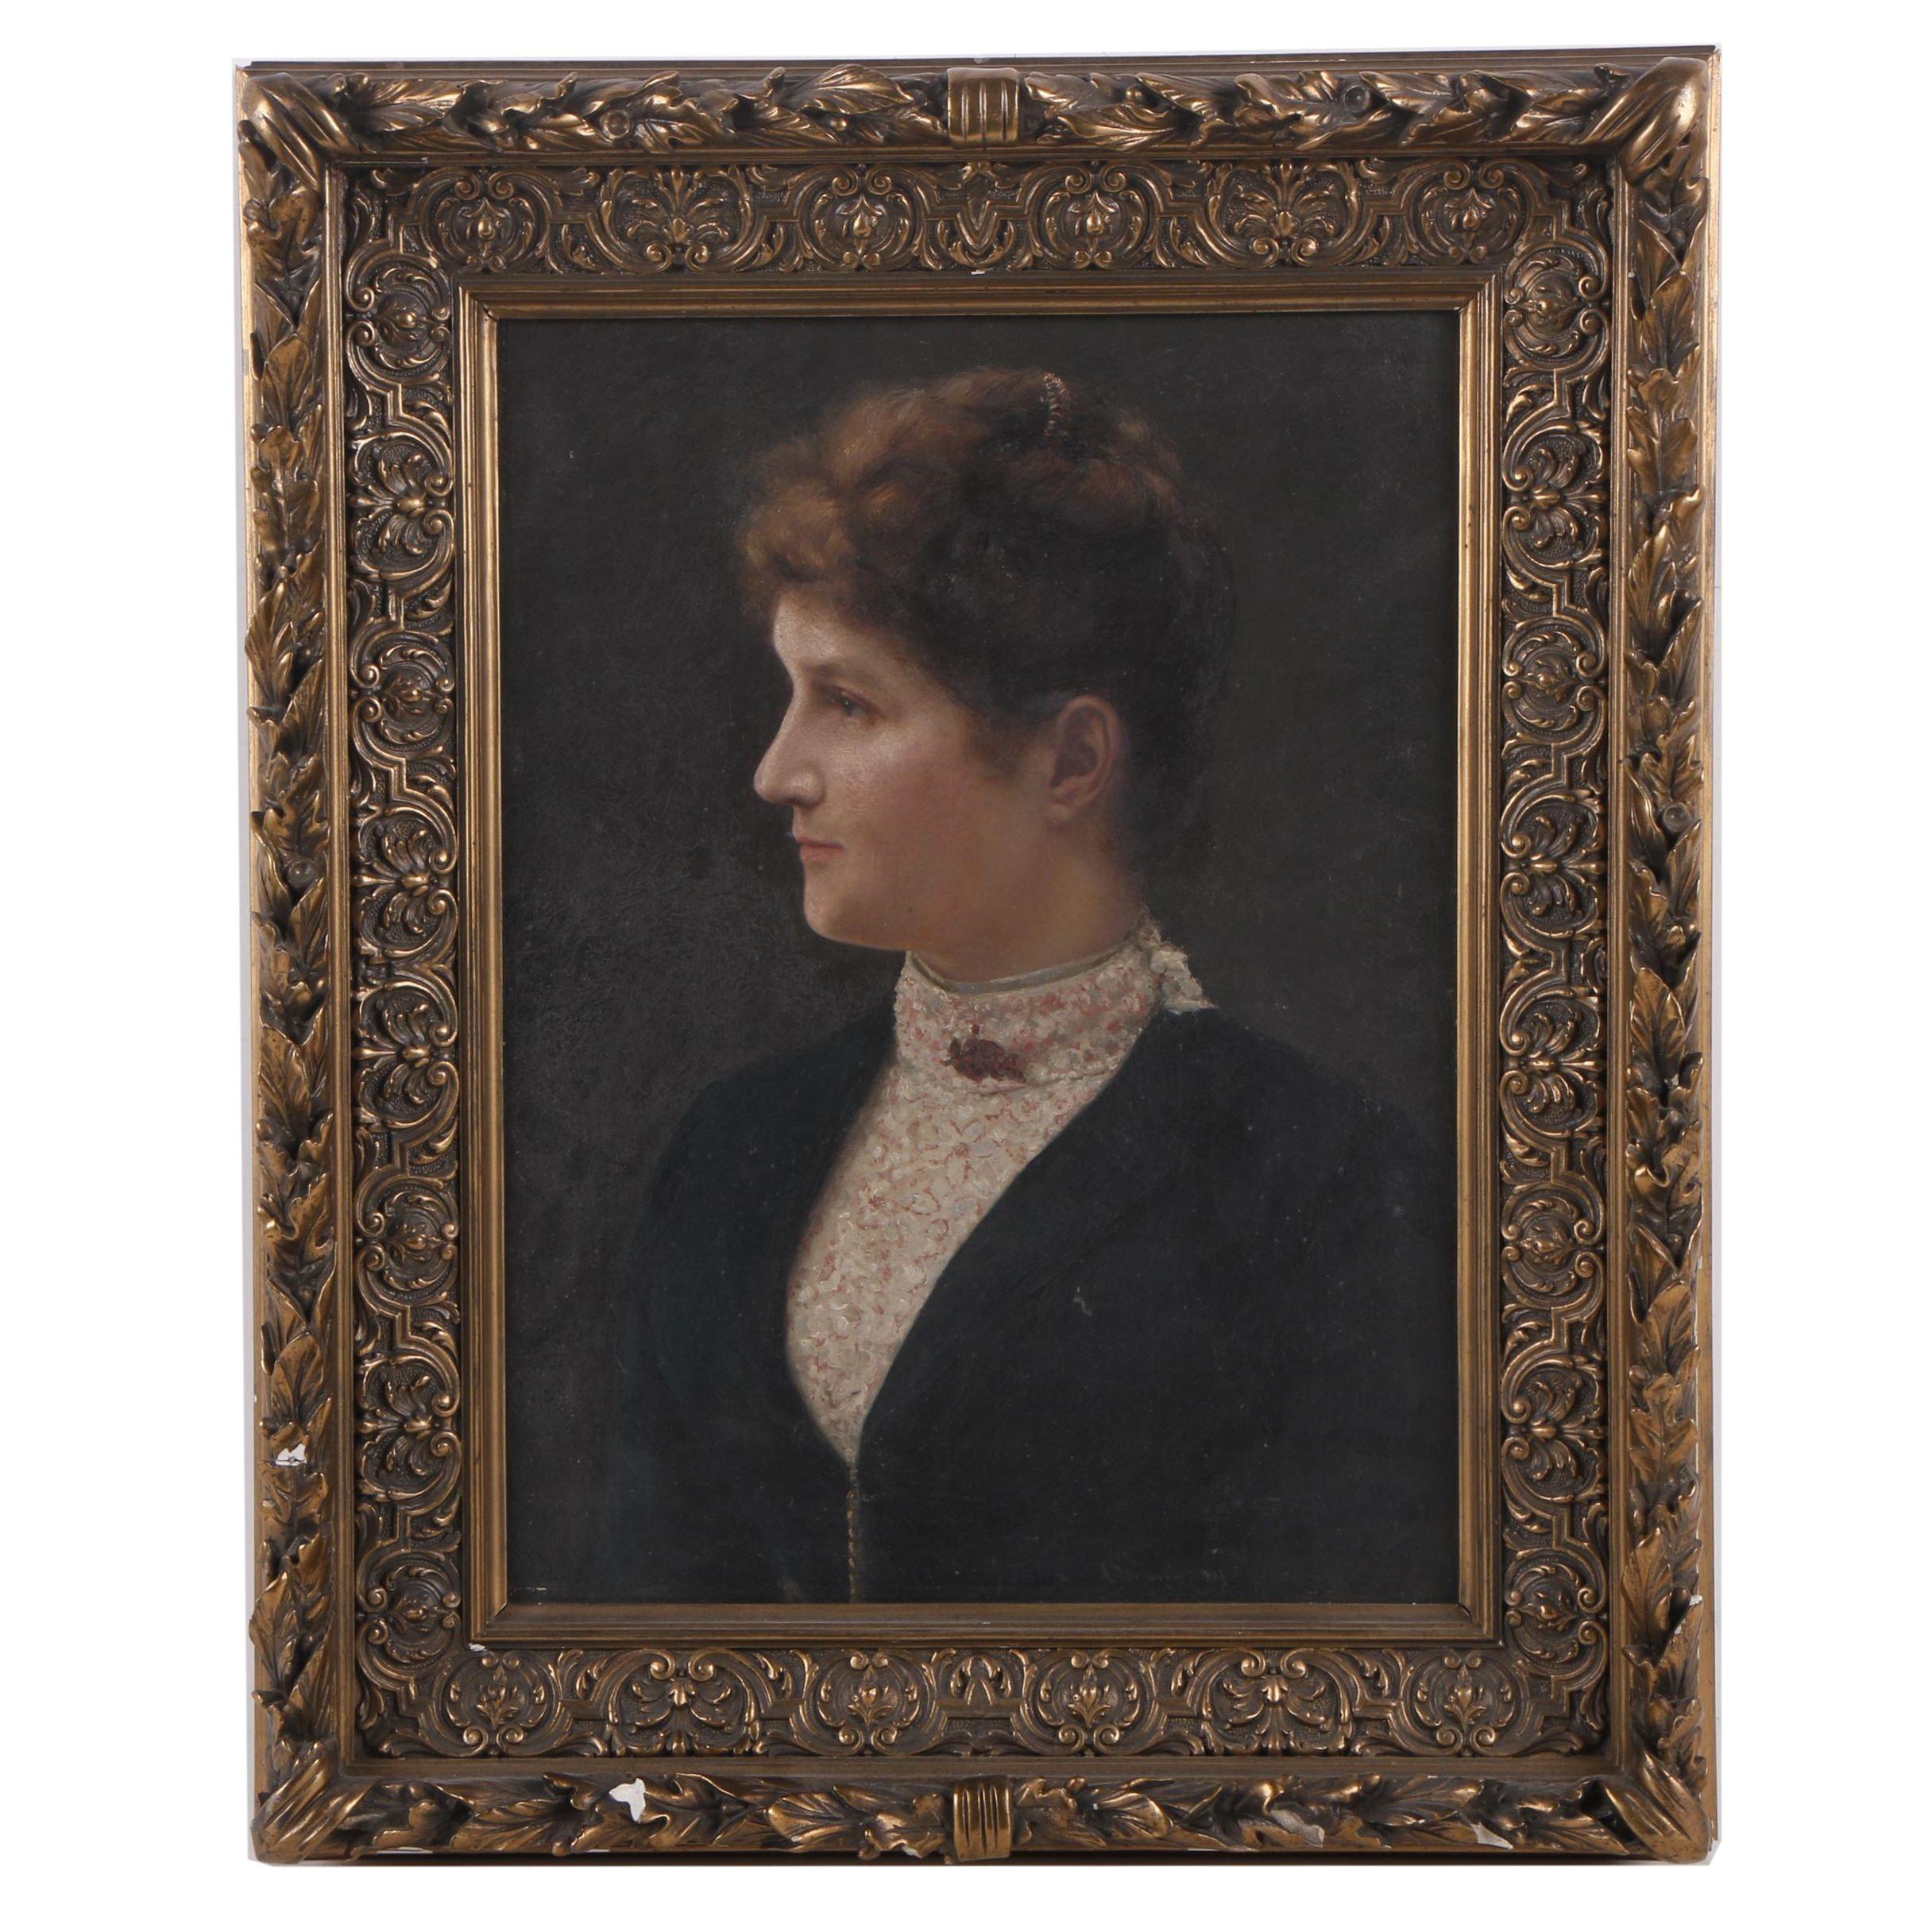 Antique 1889 Oil Painting of a Woman's Portrait